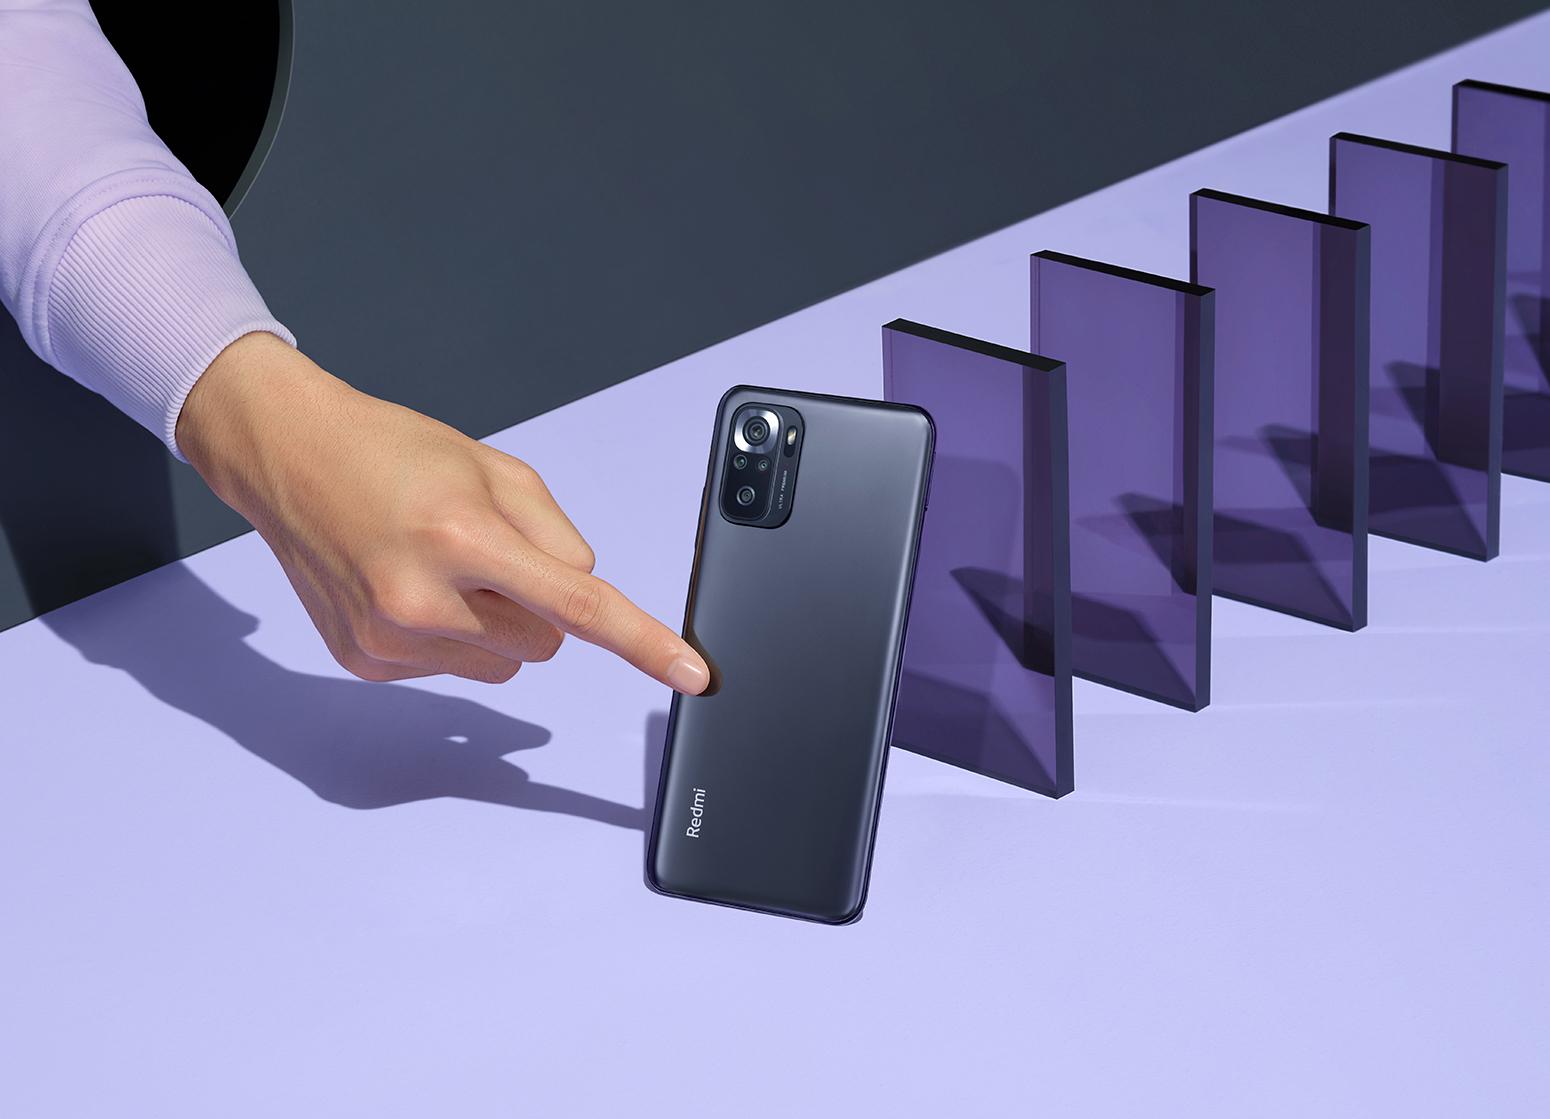 【手機專知】紅米Note 10s跟Note 9的不同差異為何?消費者該怎麼選擇?